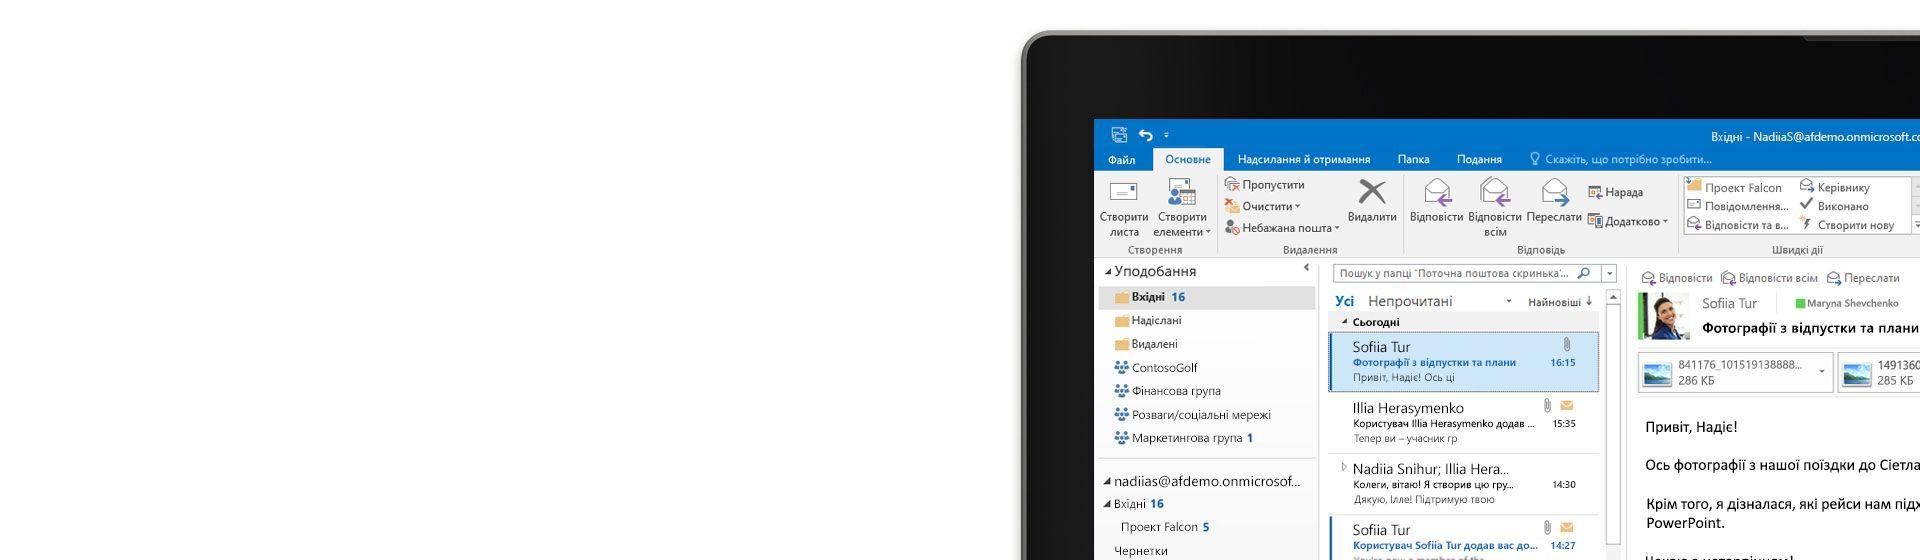 """Планшет, на якому показано папку """"Вхідні"""" зі списком повідомлень і областю попереднього перегляду в Microsoft Outlook 2016"""